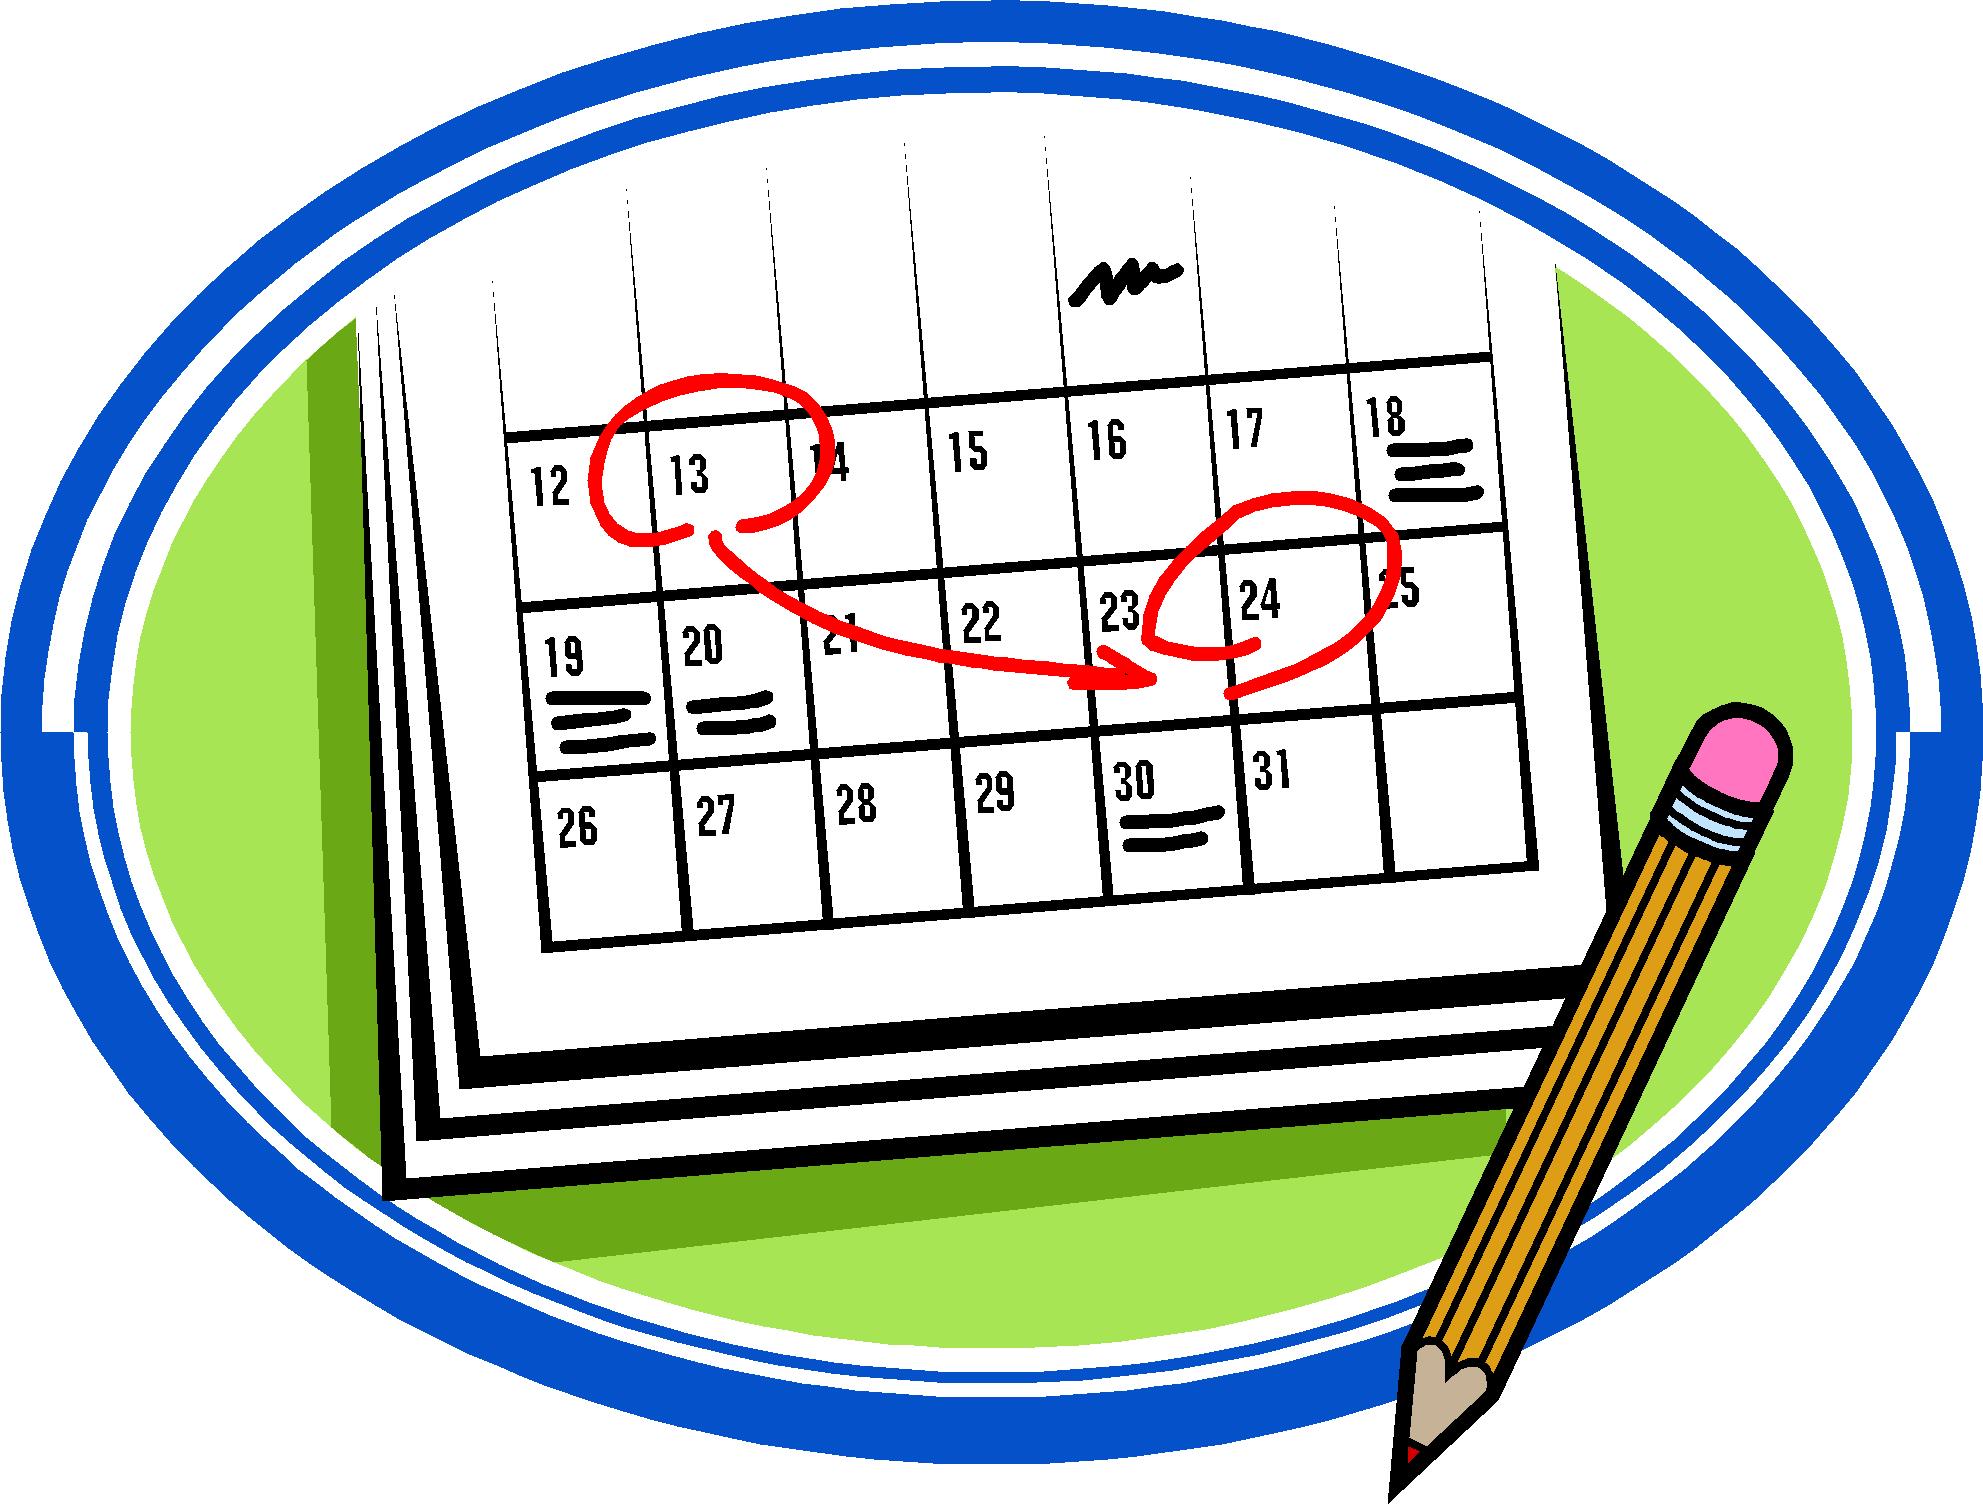 calendar-helper-clipart-date-clipart-calendar-20clip-20art-MKTjXp7iq Top 10 Ways to Stay Motivated to Workout